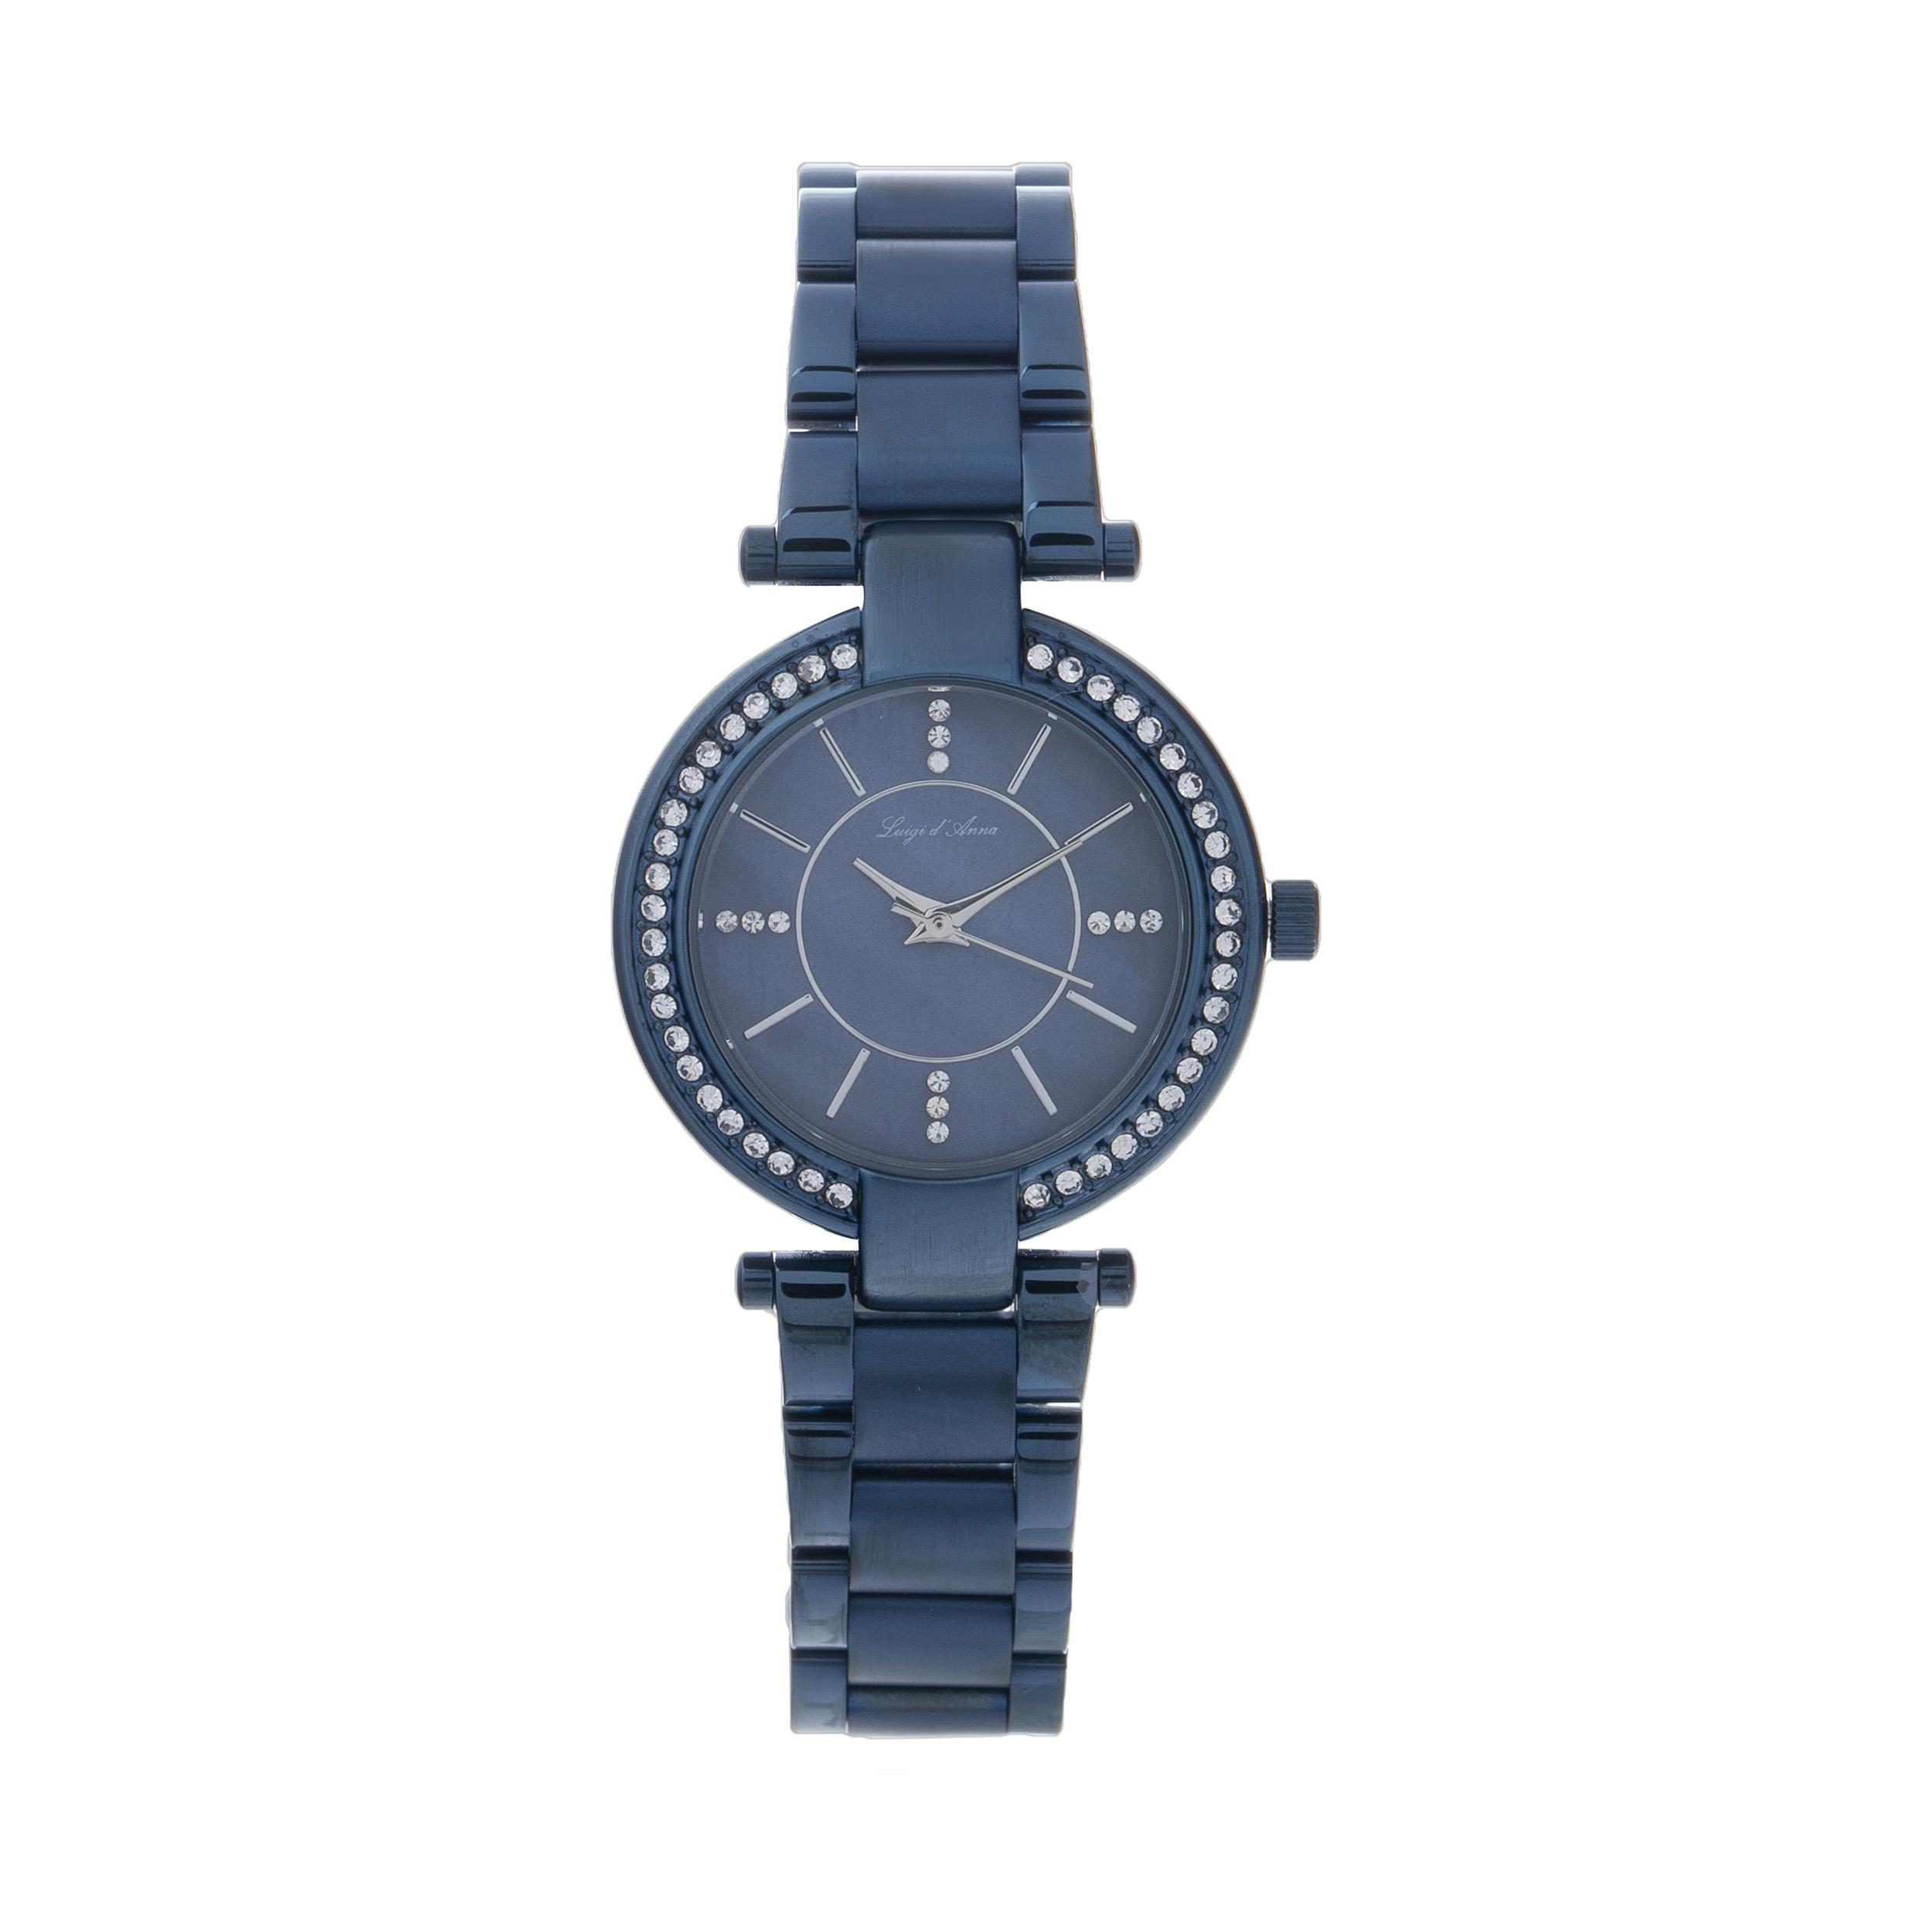 خرید ساعت مچی عقربه ای زنانه ال دی ای مدل KL 2007A به همراه دستمال مخصوص نانو برند کلیر واچ